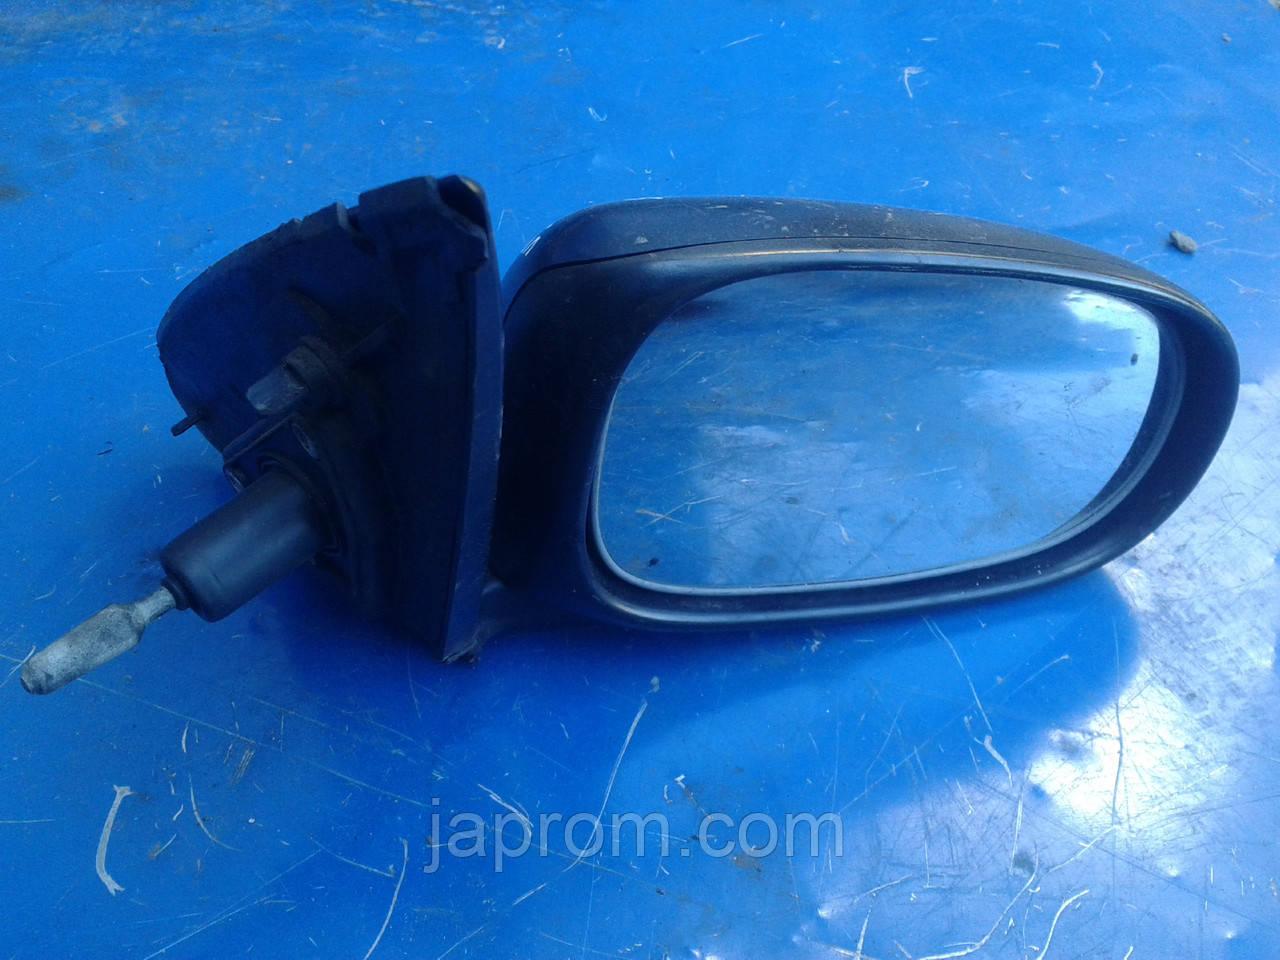 Зеркало заднего вида правое Nissan Almera N16 5дв. дорестайл E11 015541 черное механическое